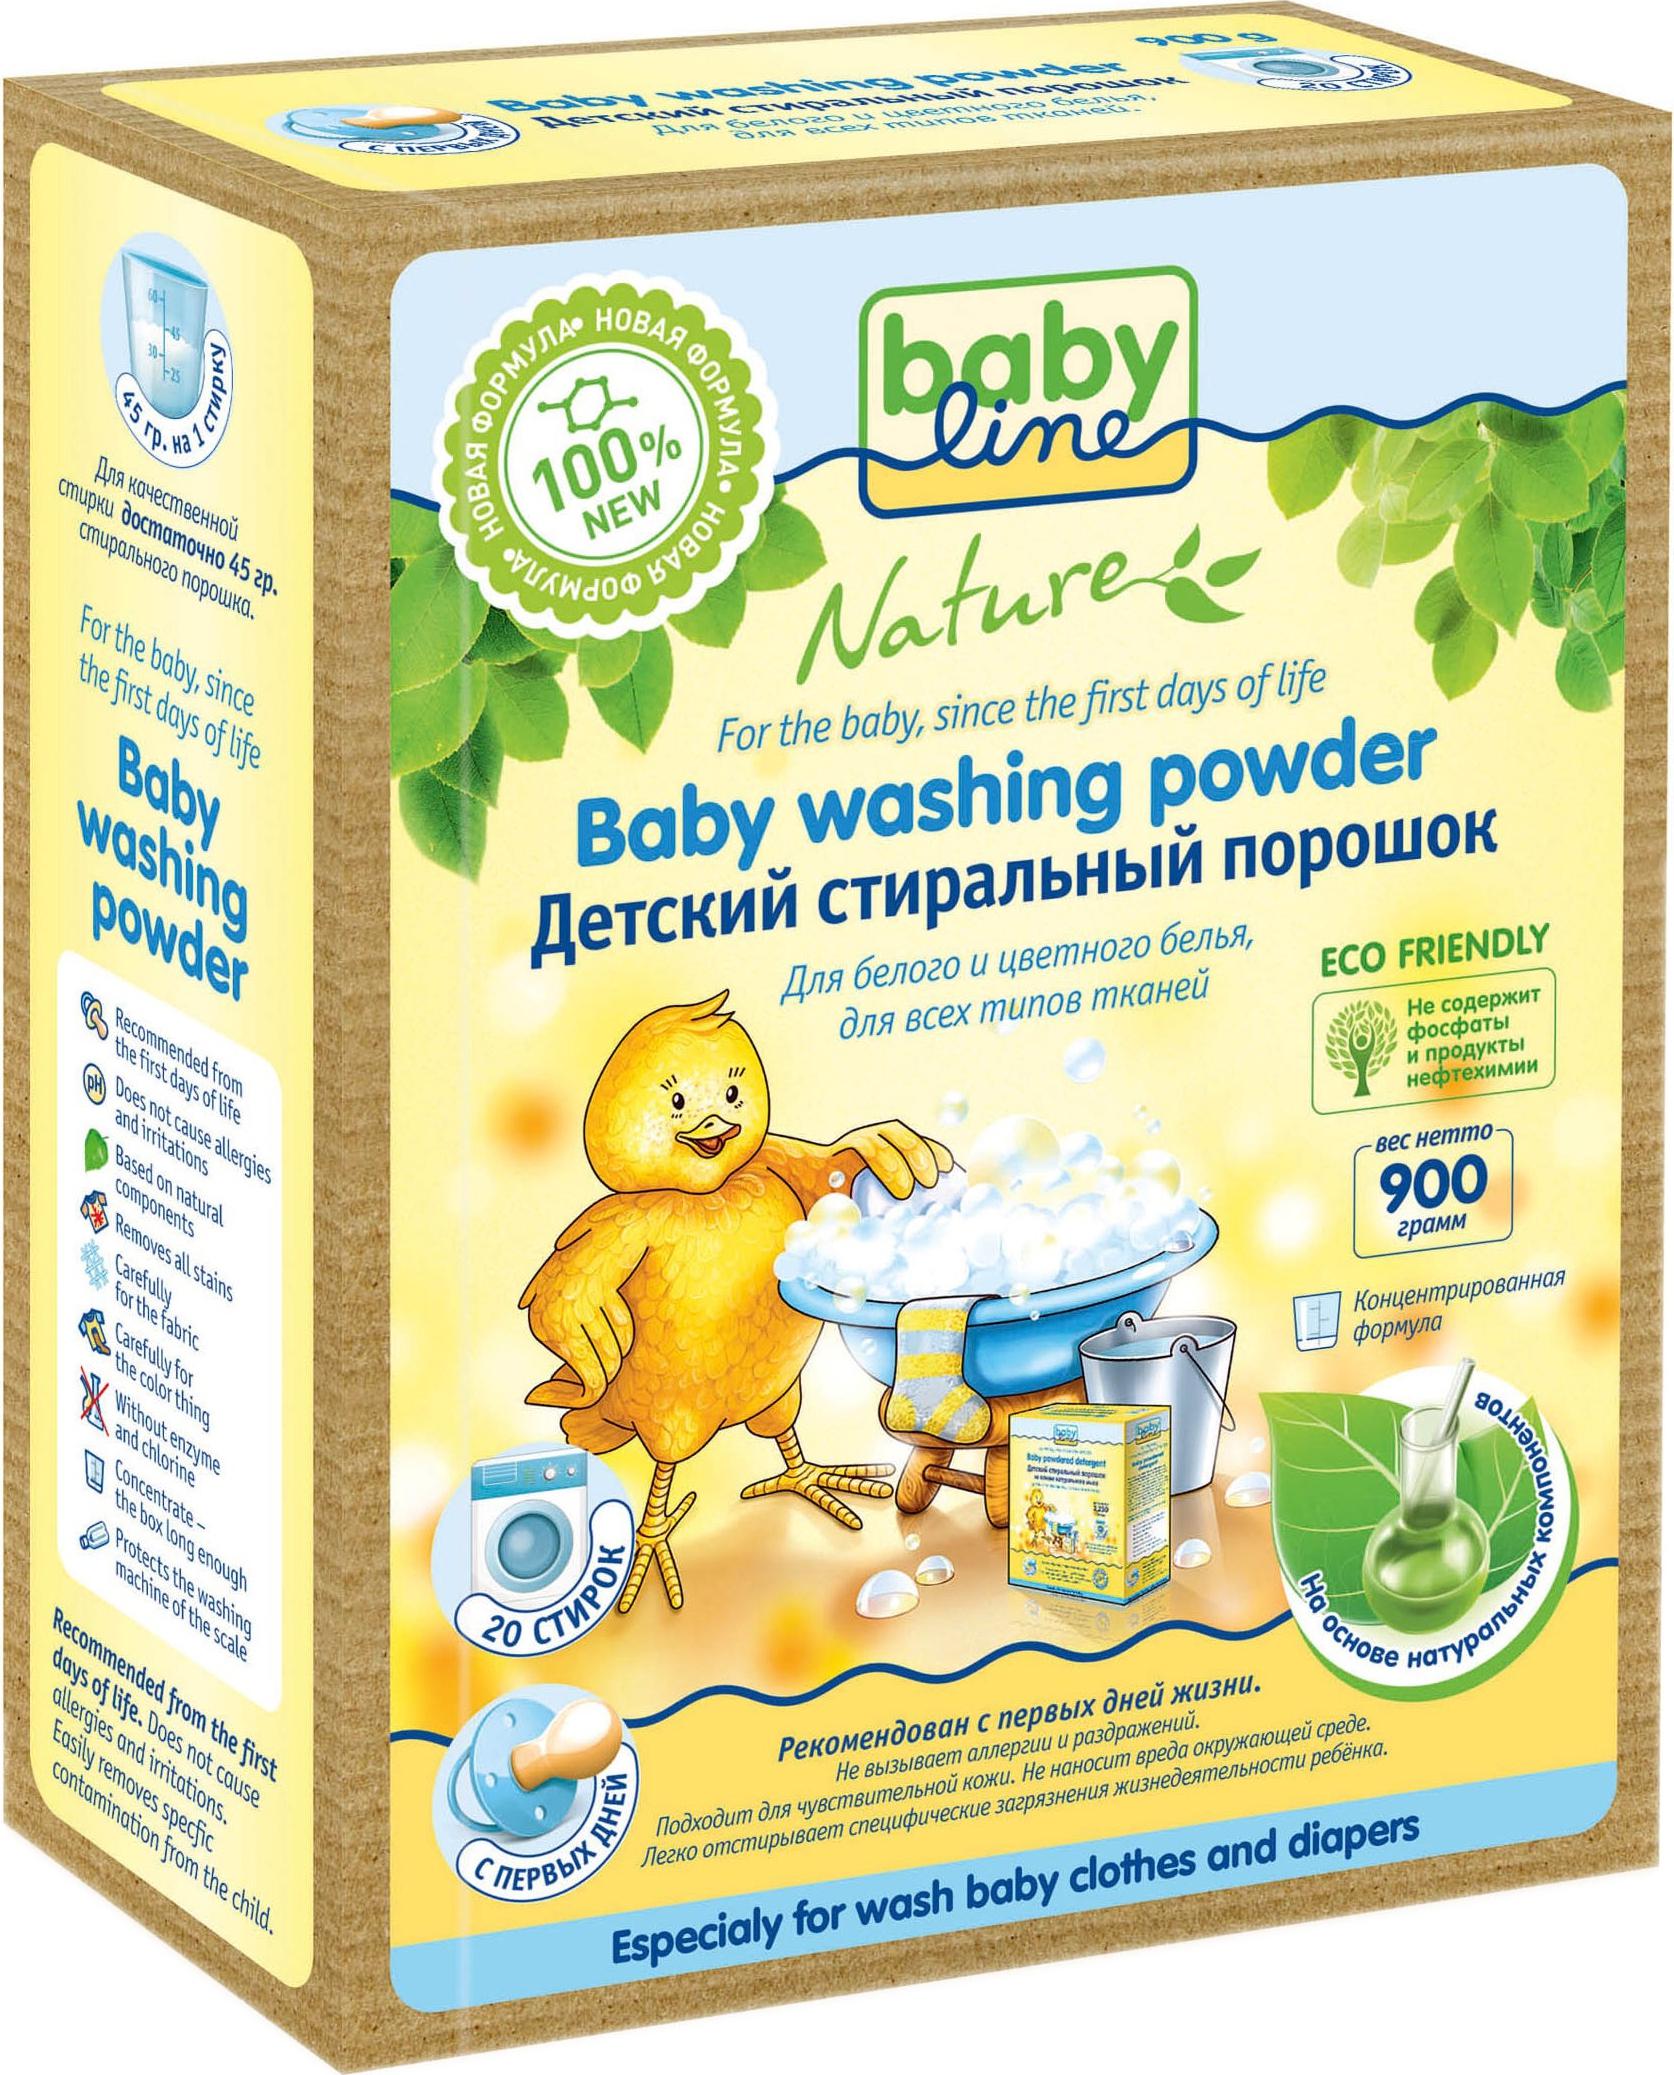 Средства для стирки BABYLINE BabyLine Nature 900 гр средства для стирки nature love mere мыло для стирки с антибактериальным эфектом nature love mere 200 гр